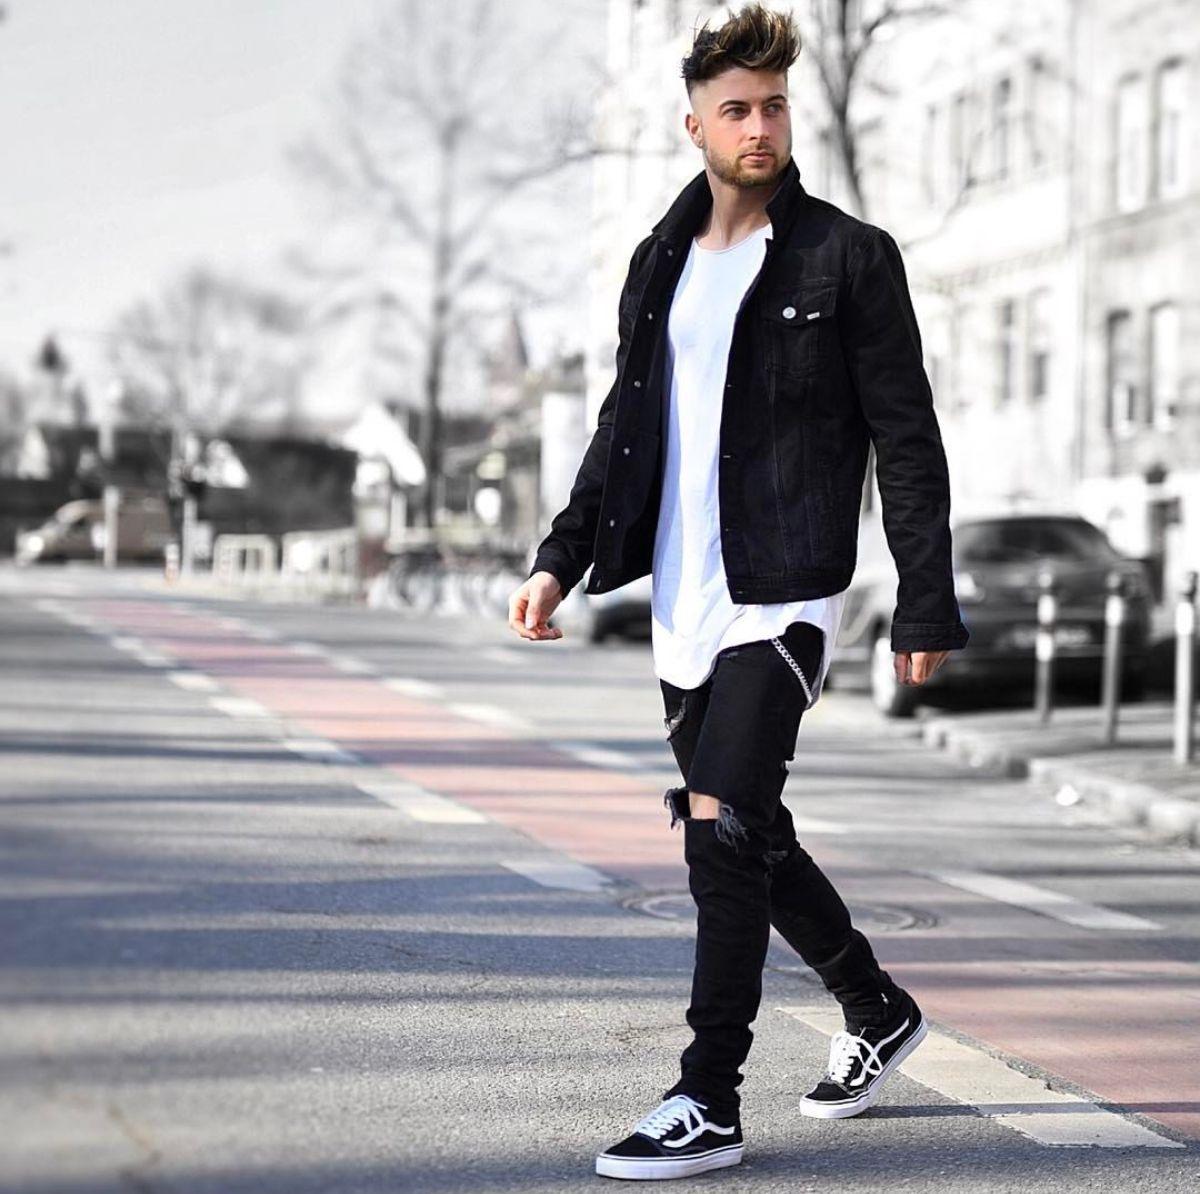 34bff55d653 Look masculino com pegada Street Style. Veja mais dicas de moda para  combinar sua roupa com o tênis Vans Old Skool no blog Marco da Moda - Foto   Tobias